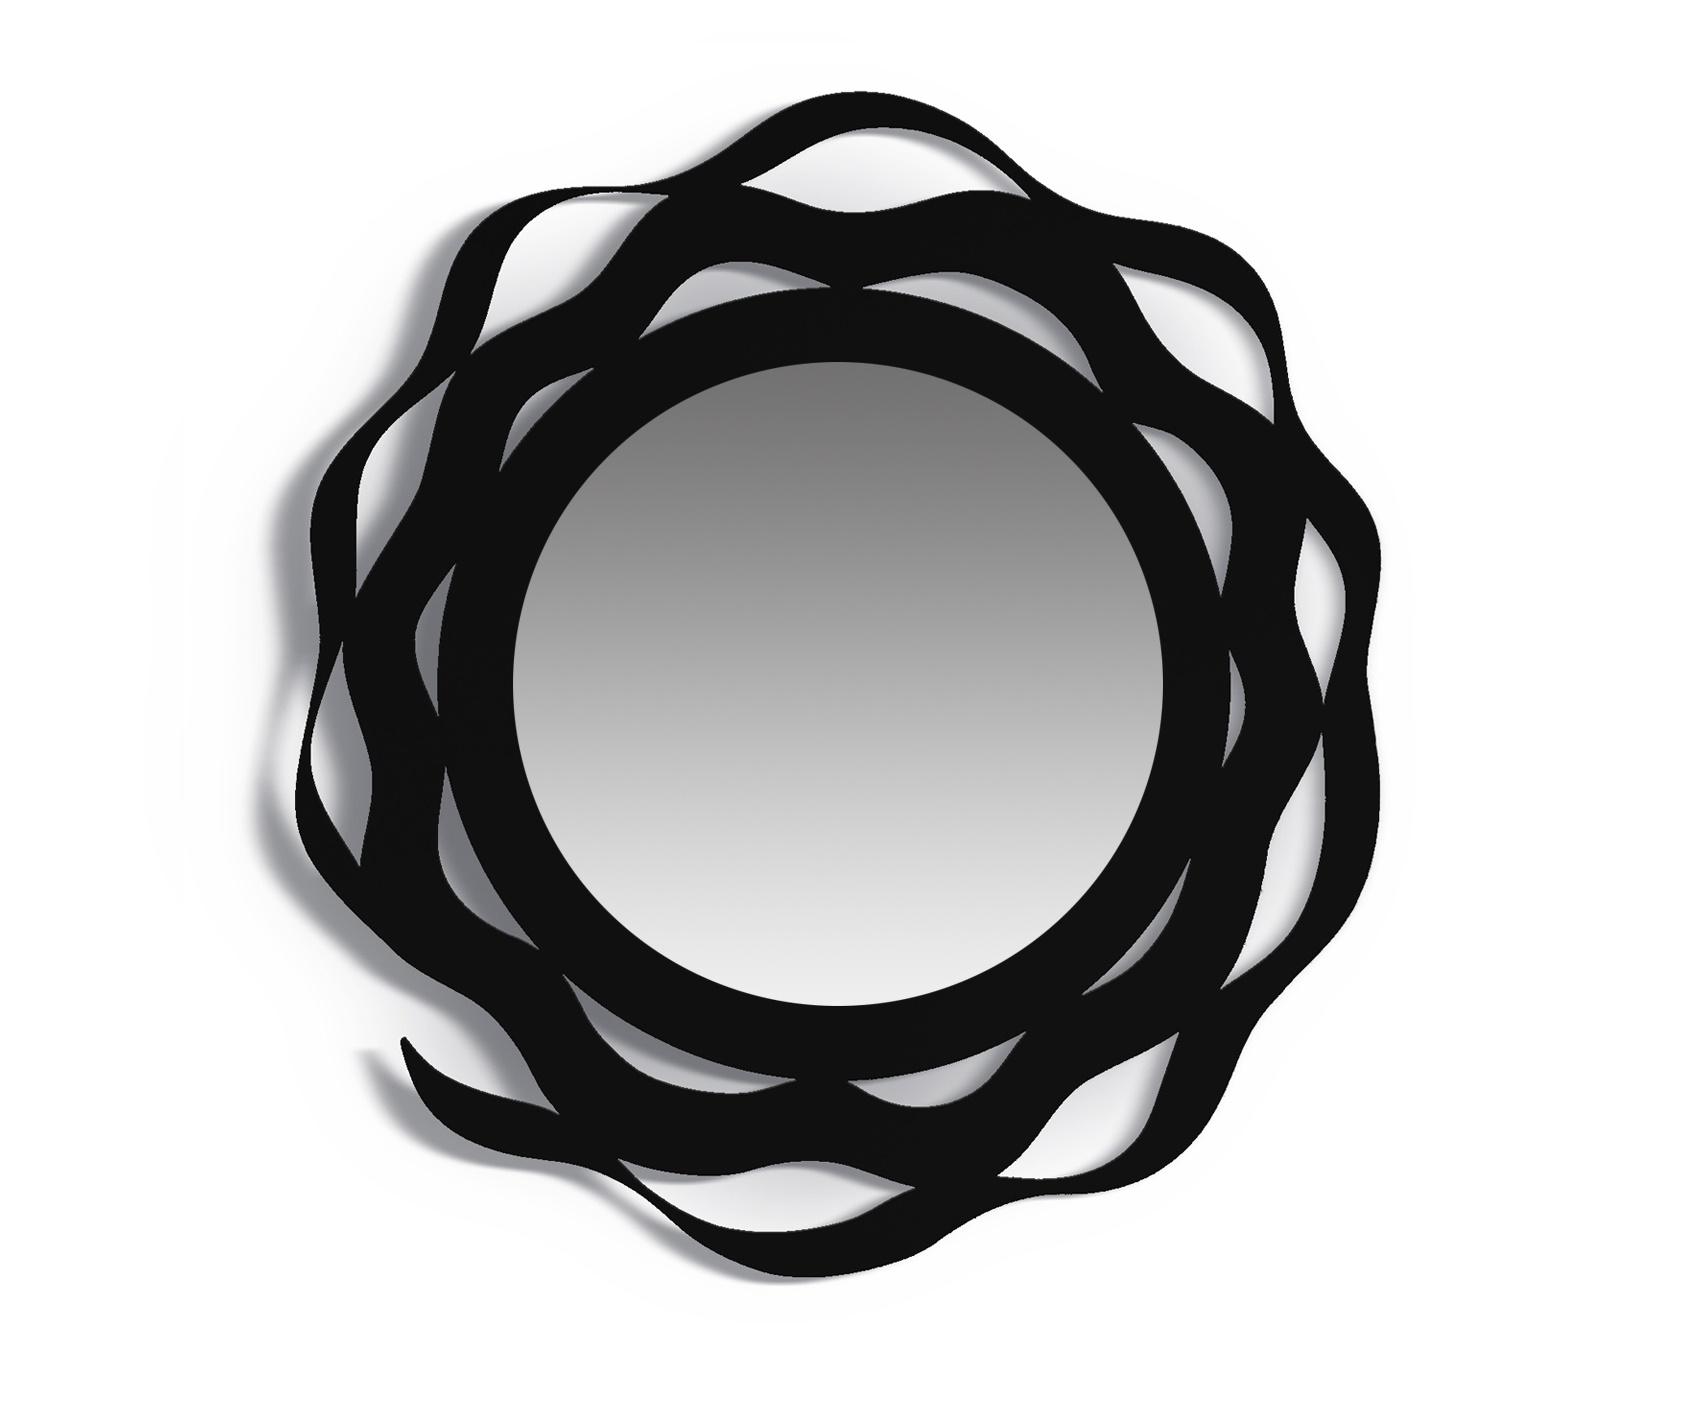 Зеркало SPLASHНастенные зеркала<br>Зеркало SPLASH отличается уникальным, <br>минималистическим дизайном.Такой предмет интерьера станет стильной <br>деталью в интерьере гастиной или спальни.<br><br>Material: Сталь